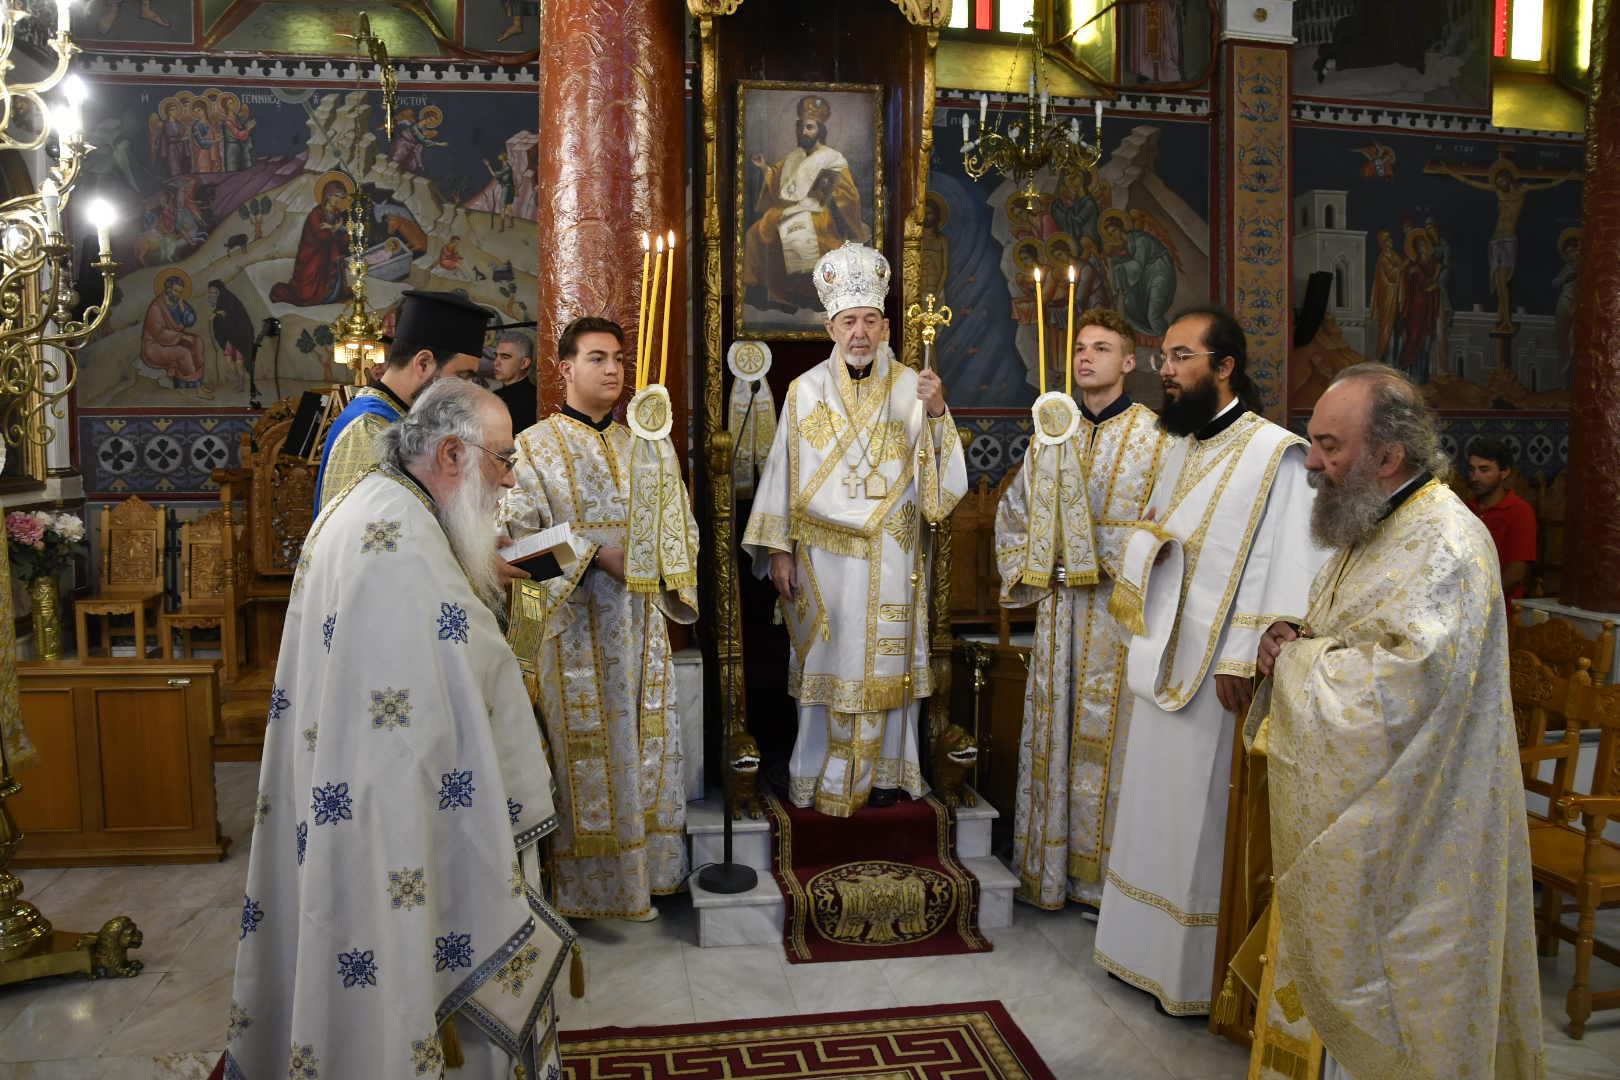 Αρχιερατικό Συλλείτουργο στο Λιτόχωρο | Εορτάστηκε η Μετάσταση του Αγίου Αποστόλου και Ευαγγελιστού Ιωάννου Θεολόγου